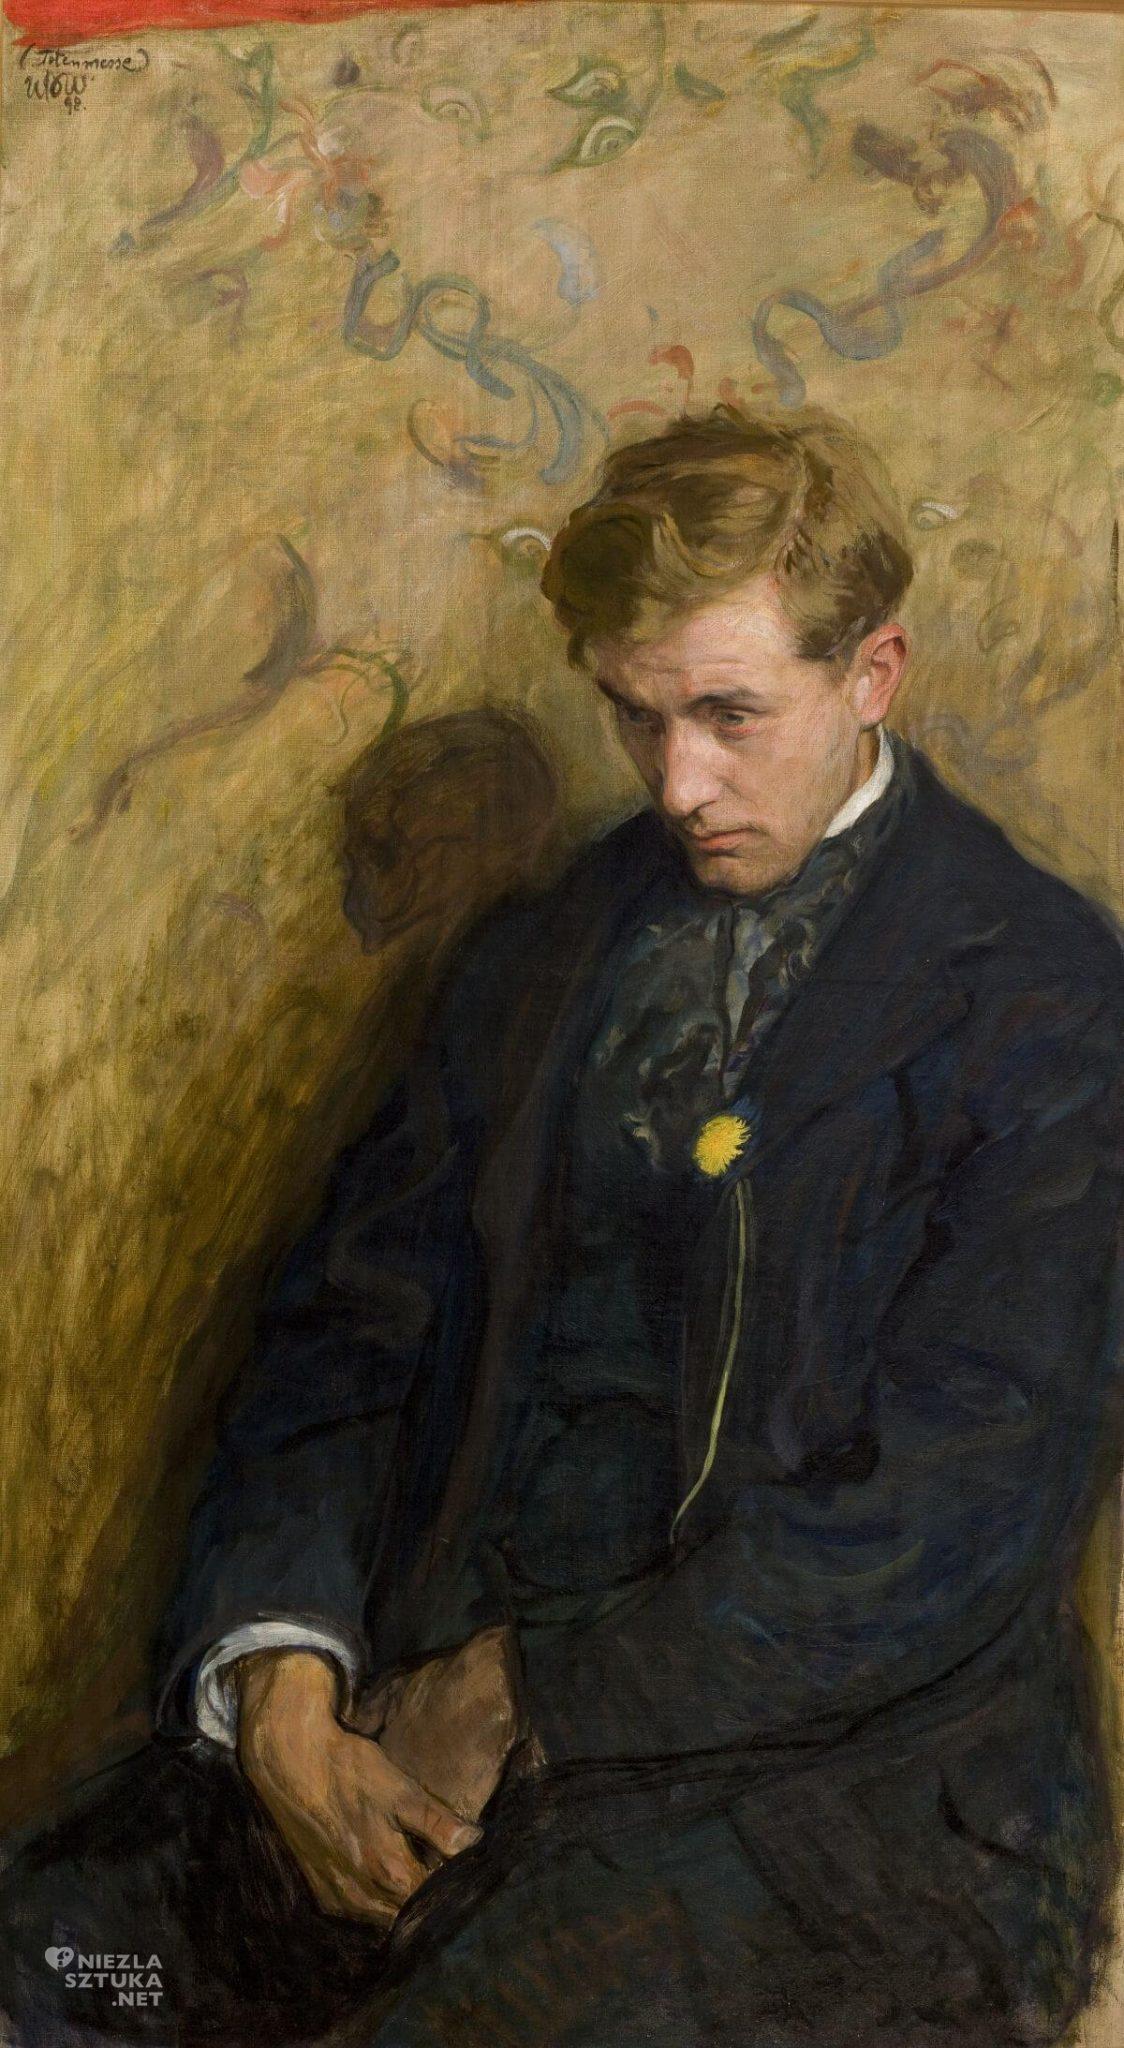 Wojciech Weiss, Melancholik, Portret Antoniego Procajłowicza, Totenmesse, sztuka polska, malarstwo polskie, Niezła sztuka